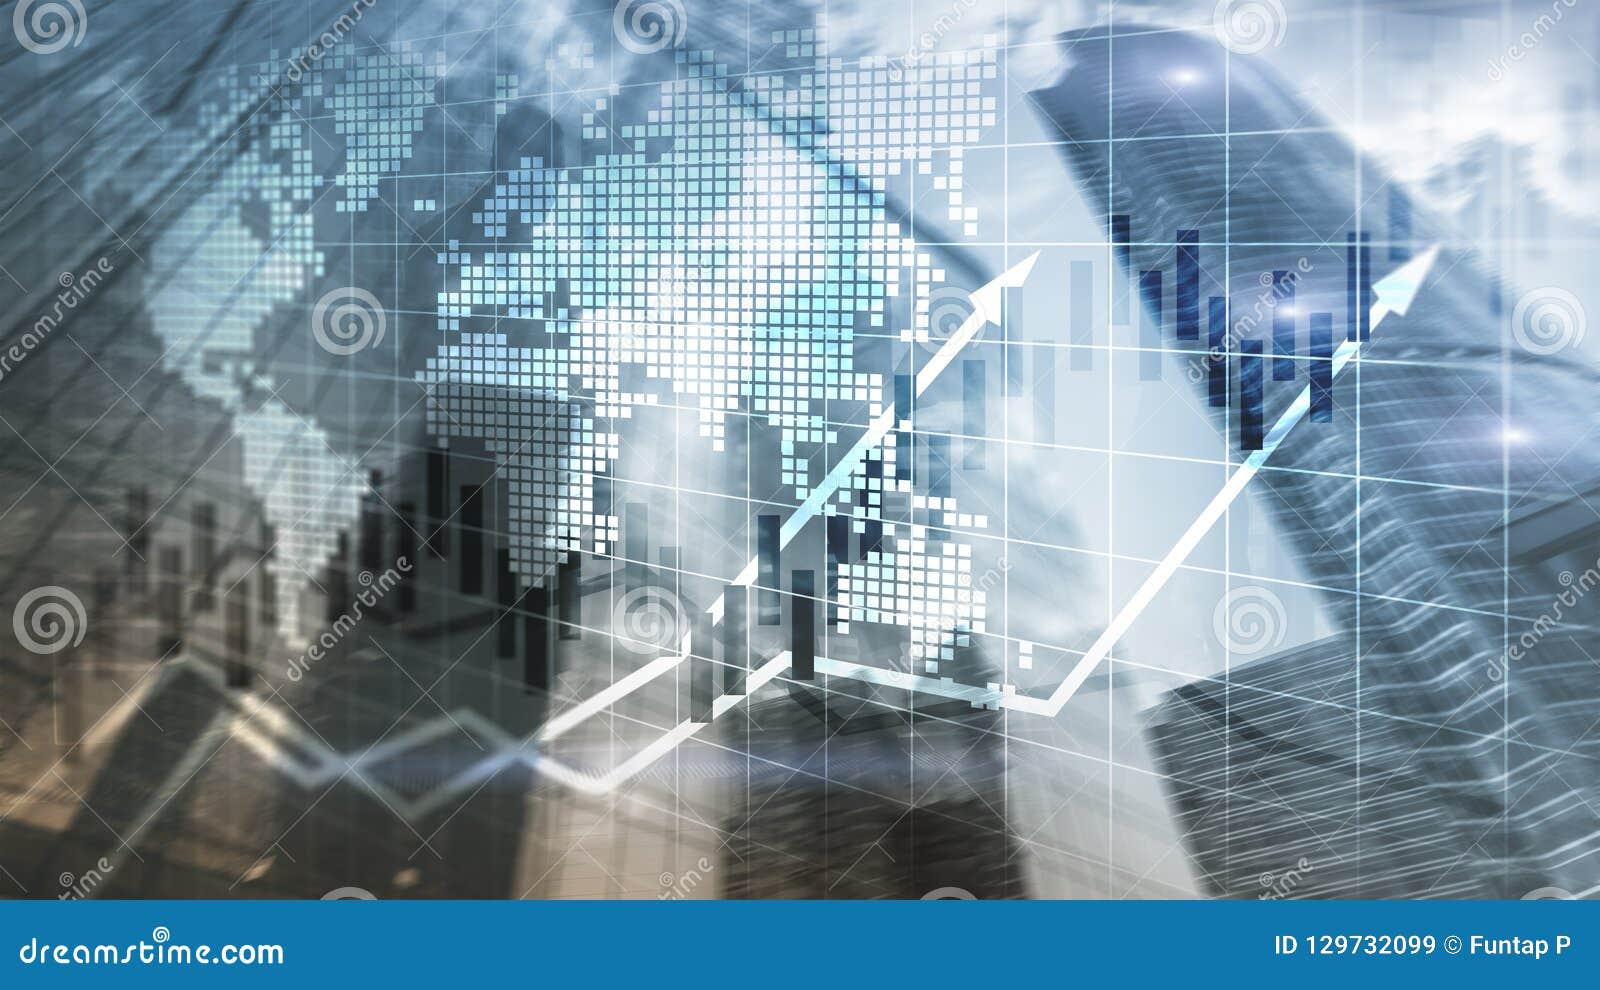 Le marché boursier financier représente graphiquement le concept de ROI Return On Investment Business de diagramme de bougie